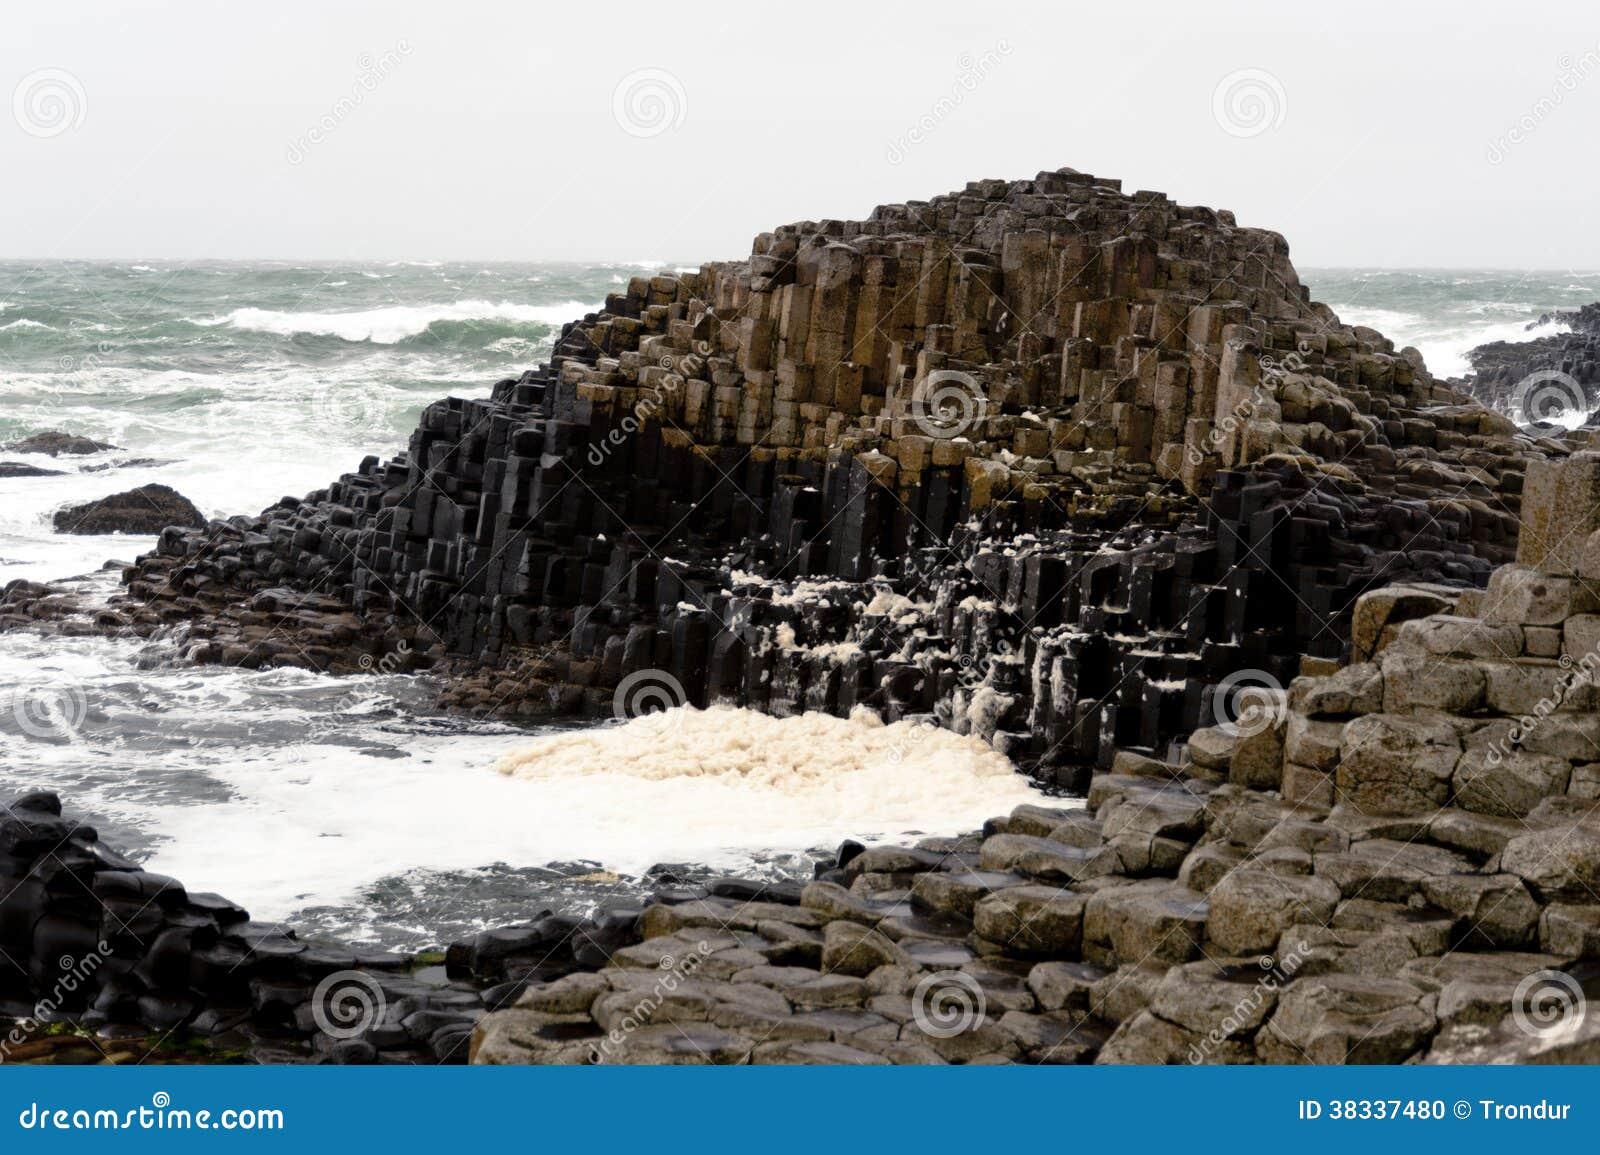 Hexagonal Rocks Giants Causeway, Northern Ireland Stock Photo - Image ...